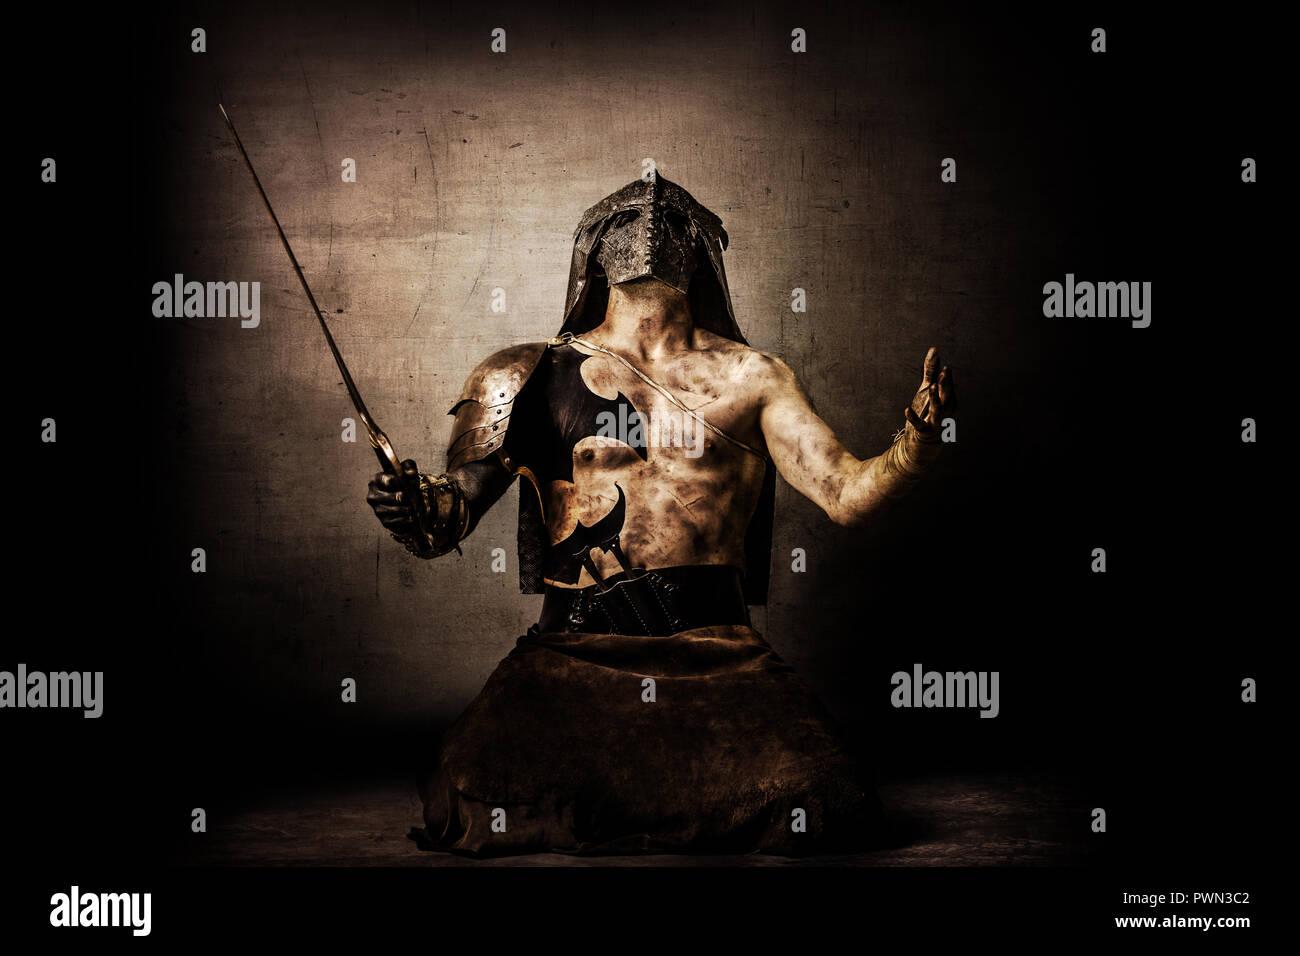 Ritratto di un guerriero barbaro Immagini Stock